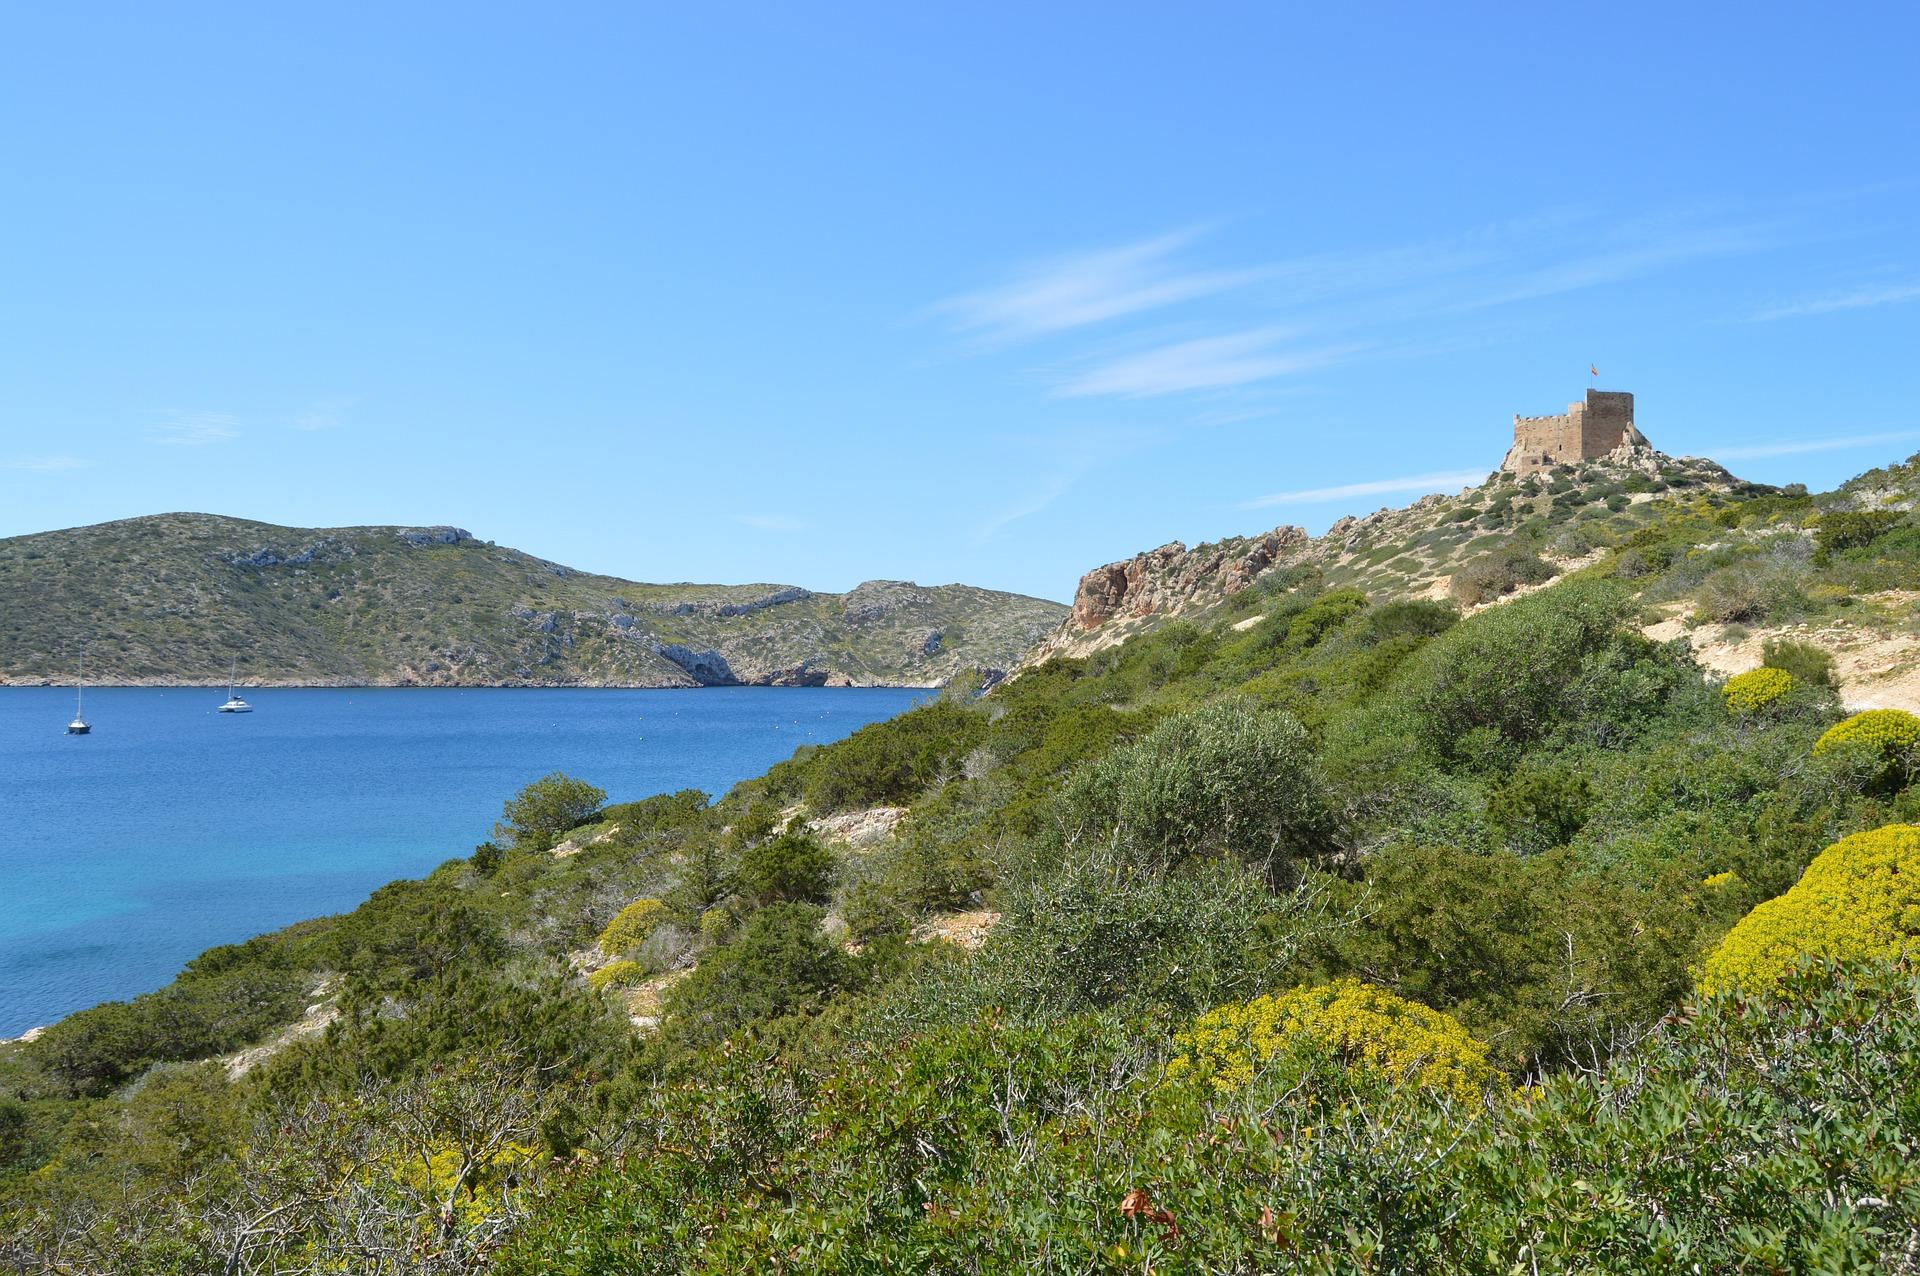 Cabreara Balearische Insel der Ort an dem die einheimischen Wohnen und wo der Massentourismus nicht exestiert